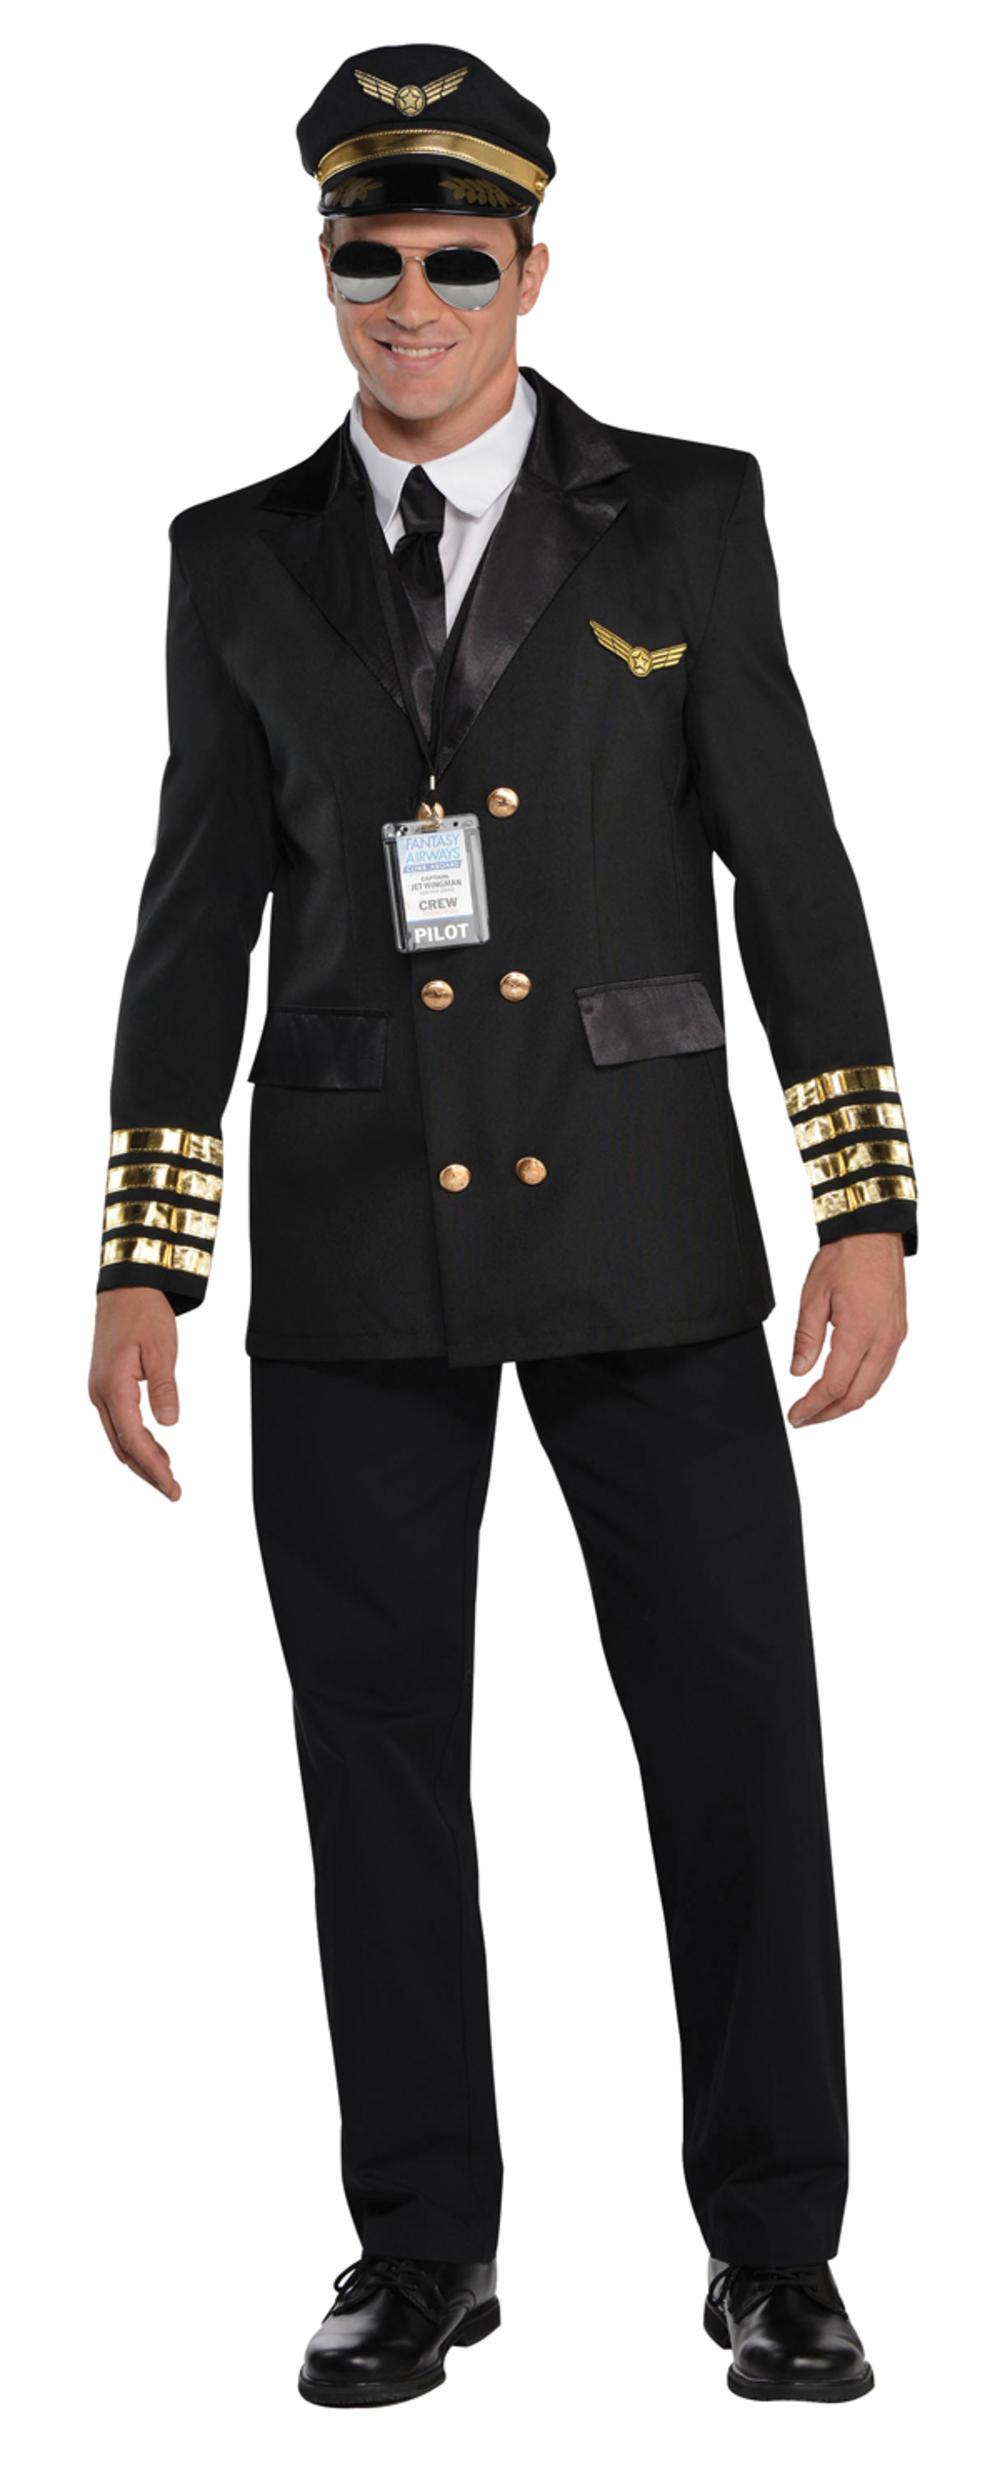 Captain Pilot Mens Fancy Dress Airline Occupation Uniform Adults Costume Outfit